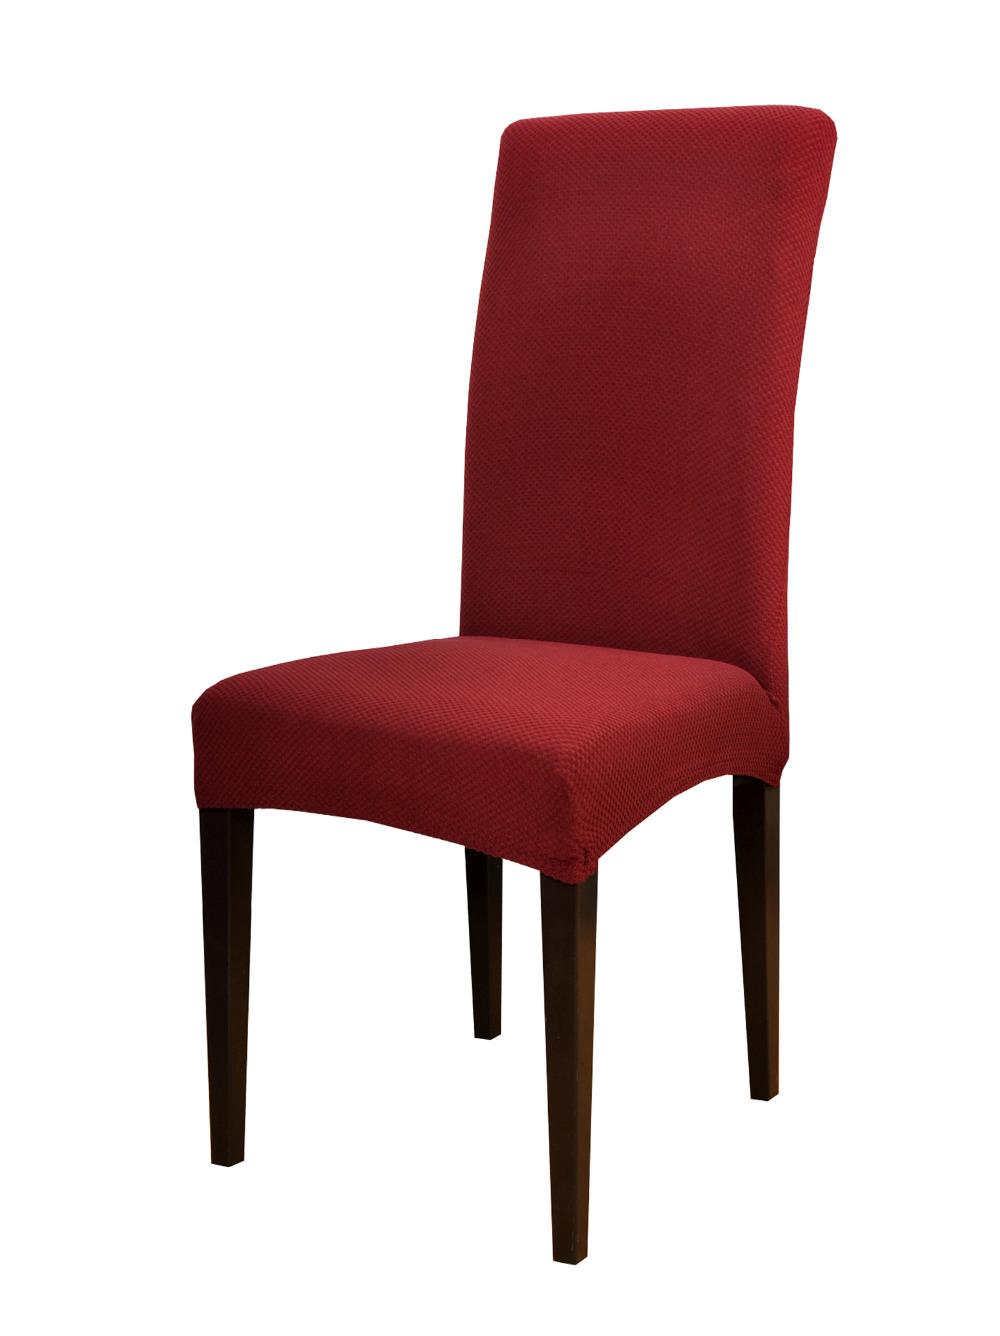 Красный чехол на стул